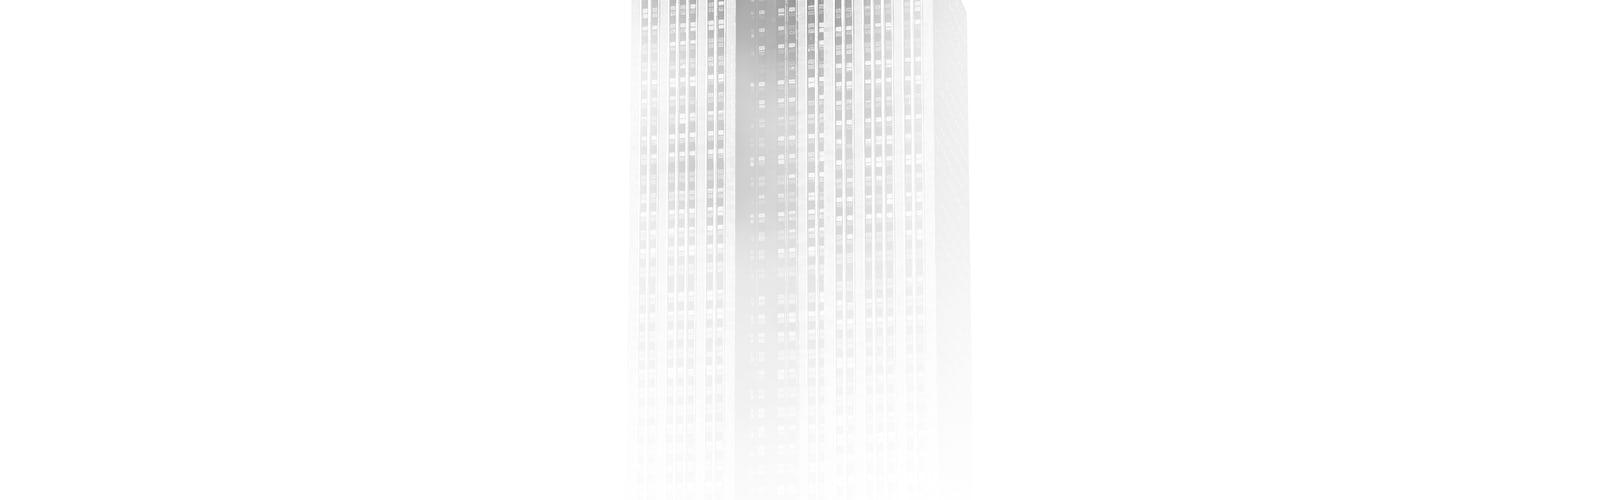 Minimalist Wallpaper Free Download 100 Best Free